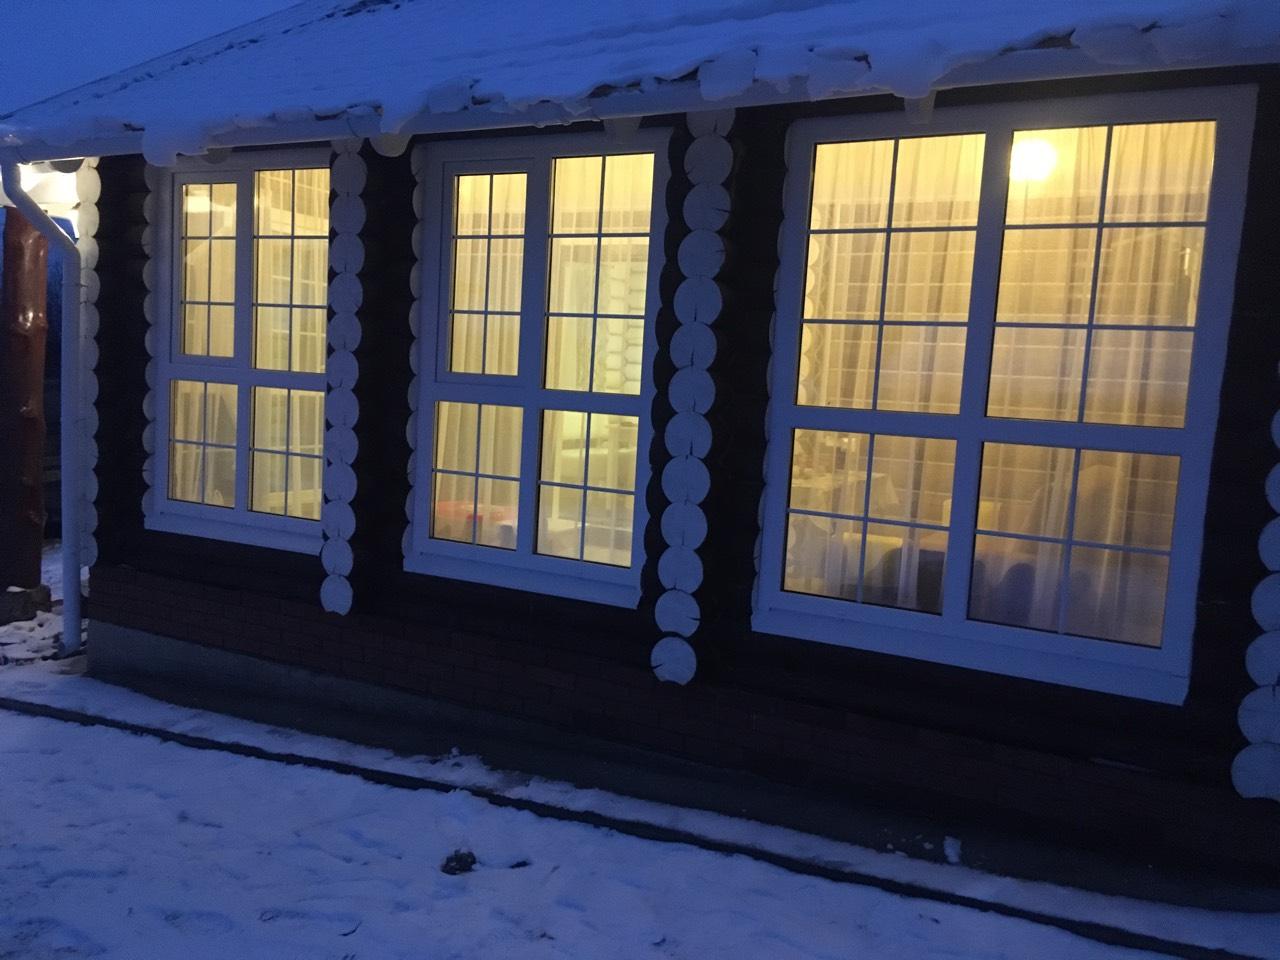 Остекление веранды пластиковыми окнами с раскладкой. Примерная сумма 70 000 руб